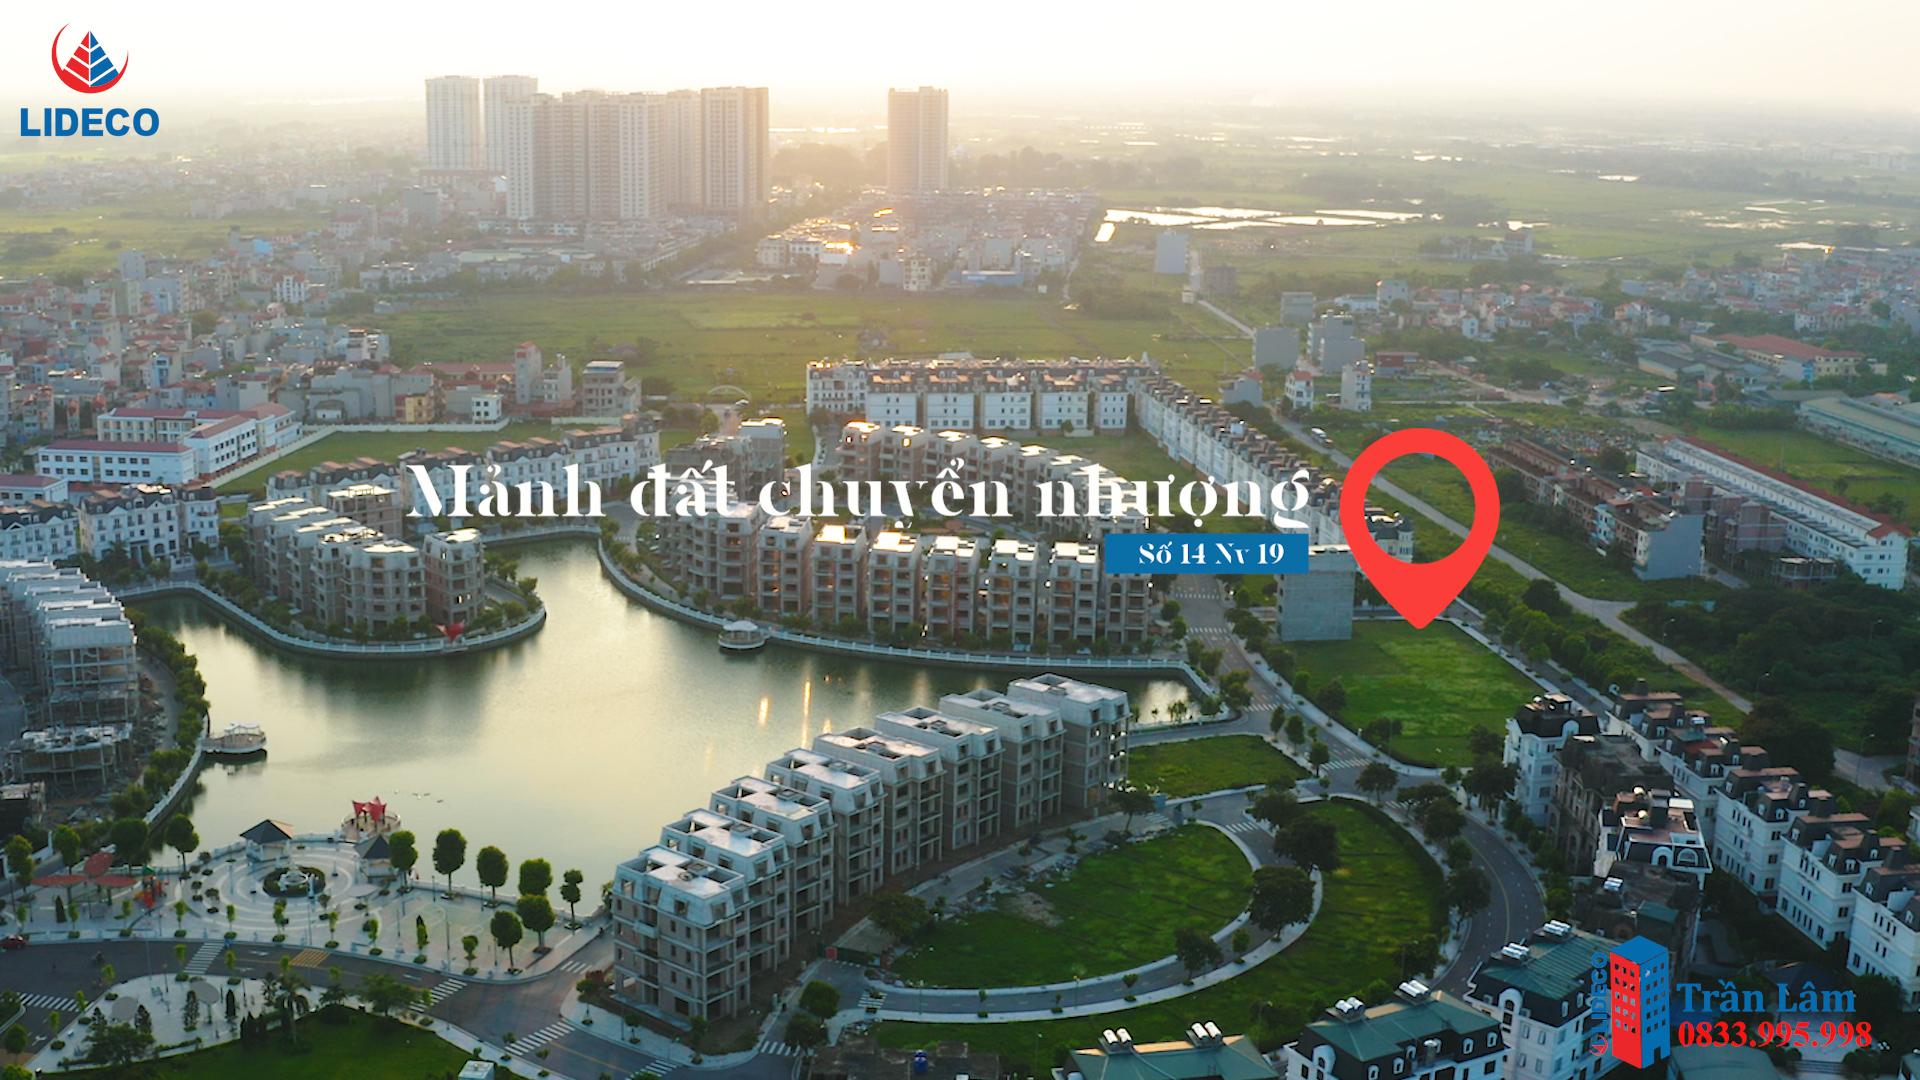 Cần bán Đất nền dự án dự án Khu đô thị mới Lideco - Bắc Quốc lộ 32, Diện tích 370m², Giá Thương lượng - LH: 0833995998